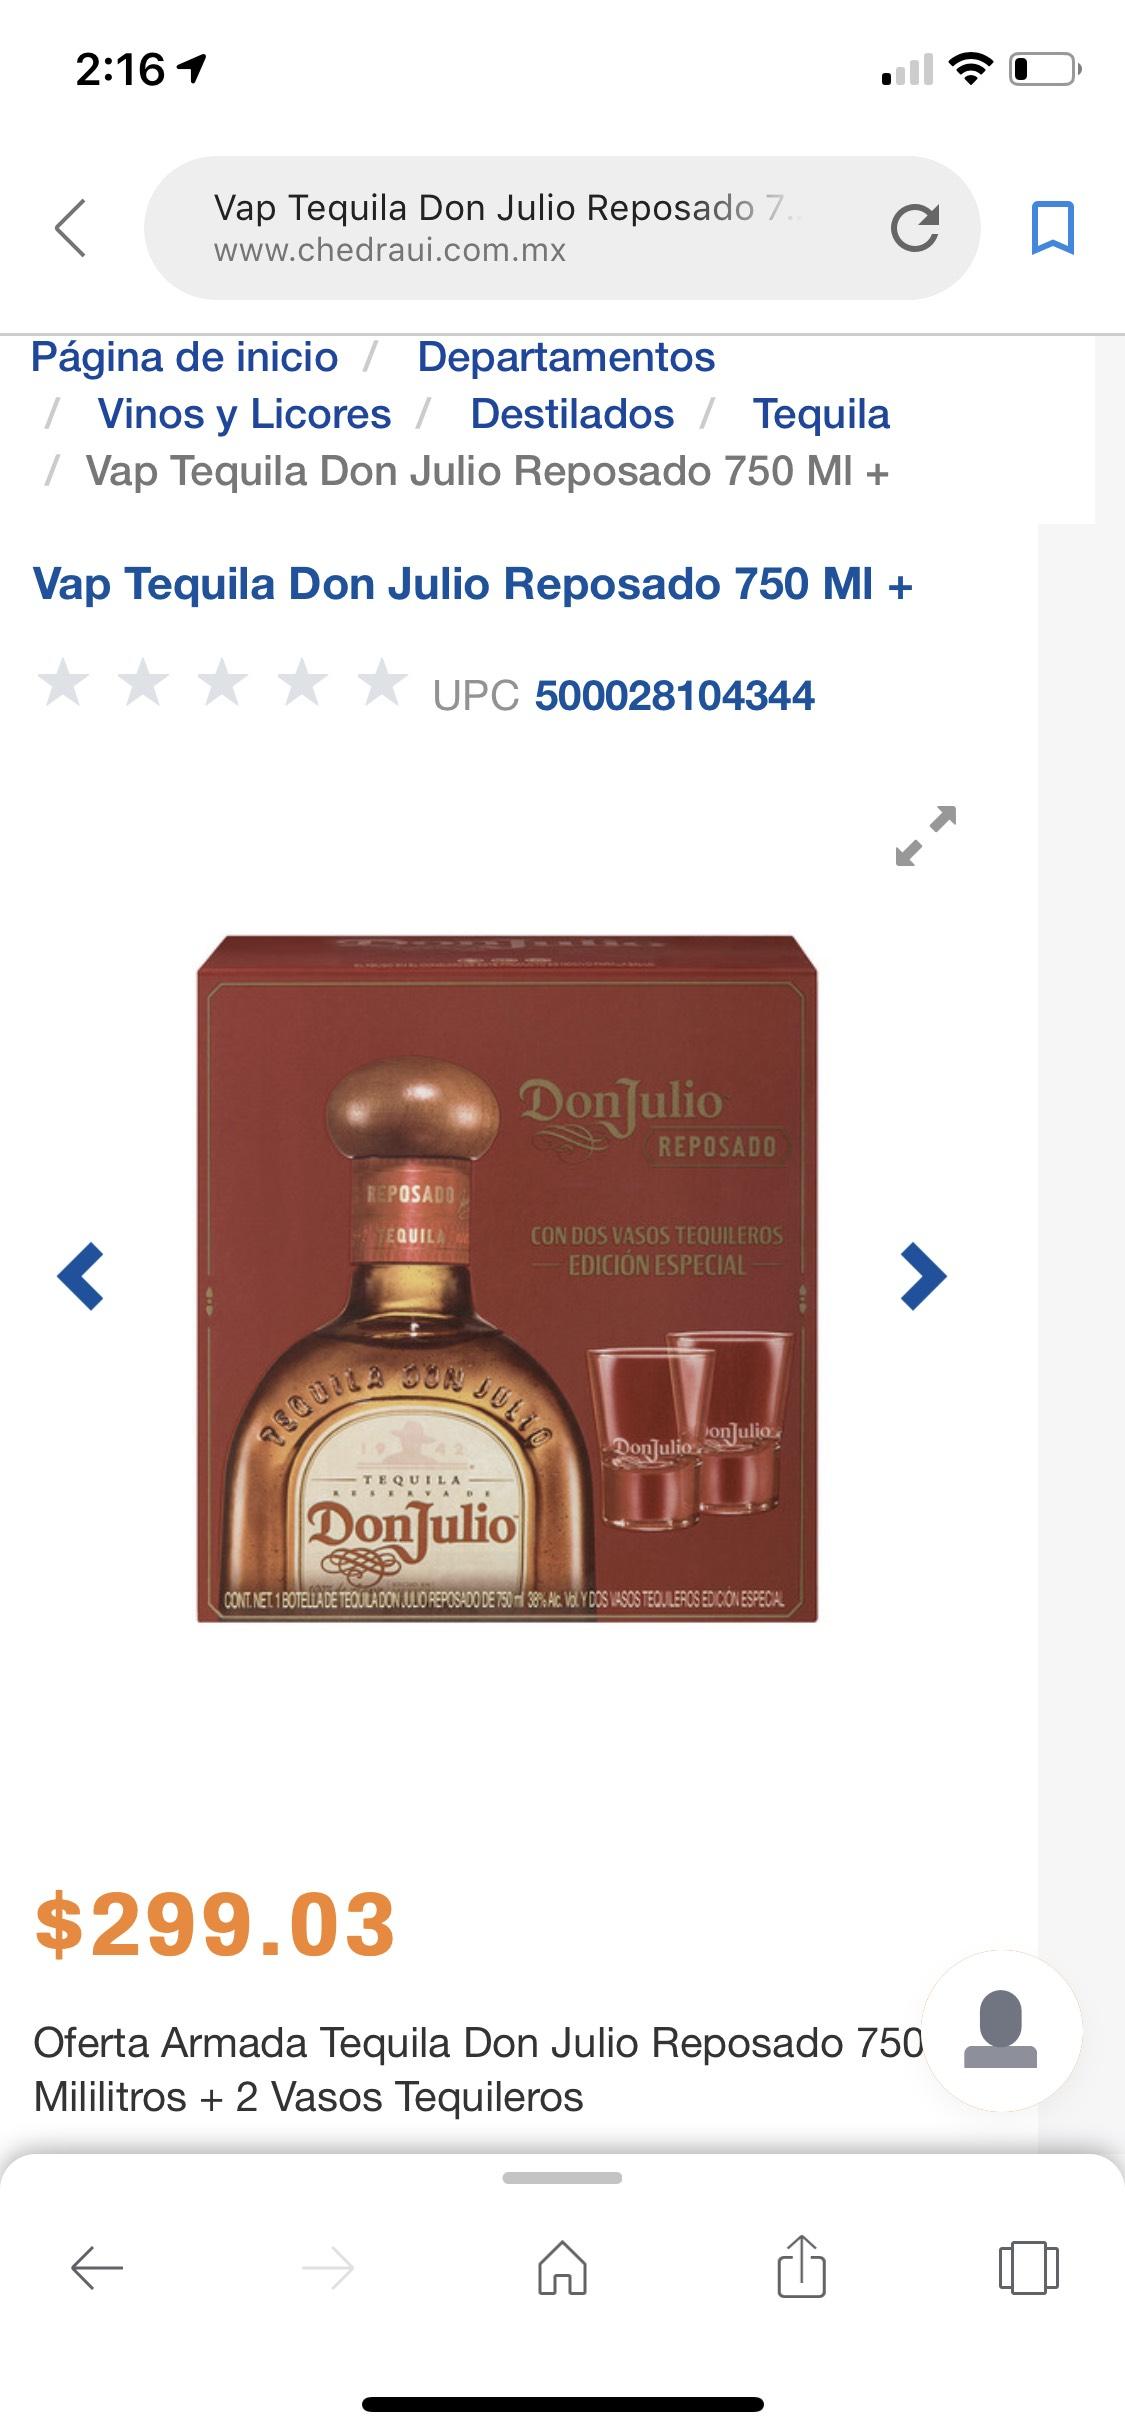 Chedraui: Tequila Don Julio reposado con 2 vasos tequileros